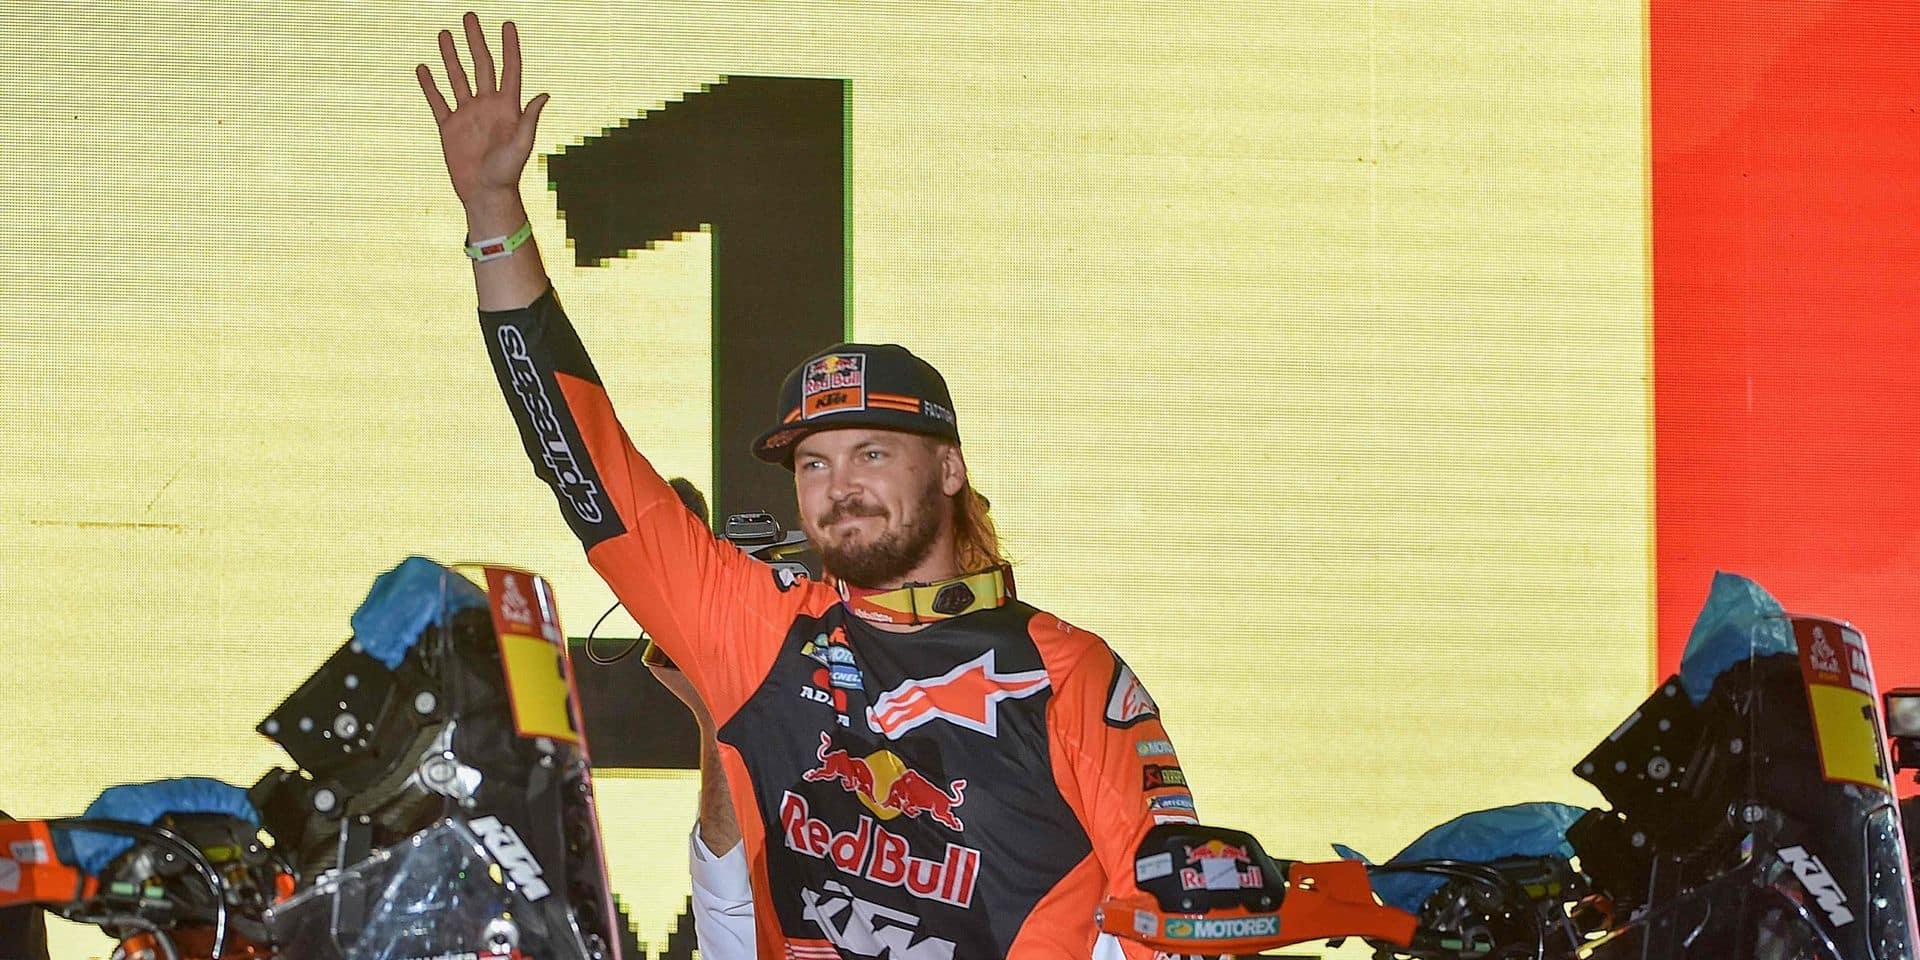 Dakar 2020: La première étape pour le tenant du titre Toby Price en moto